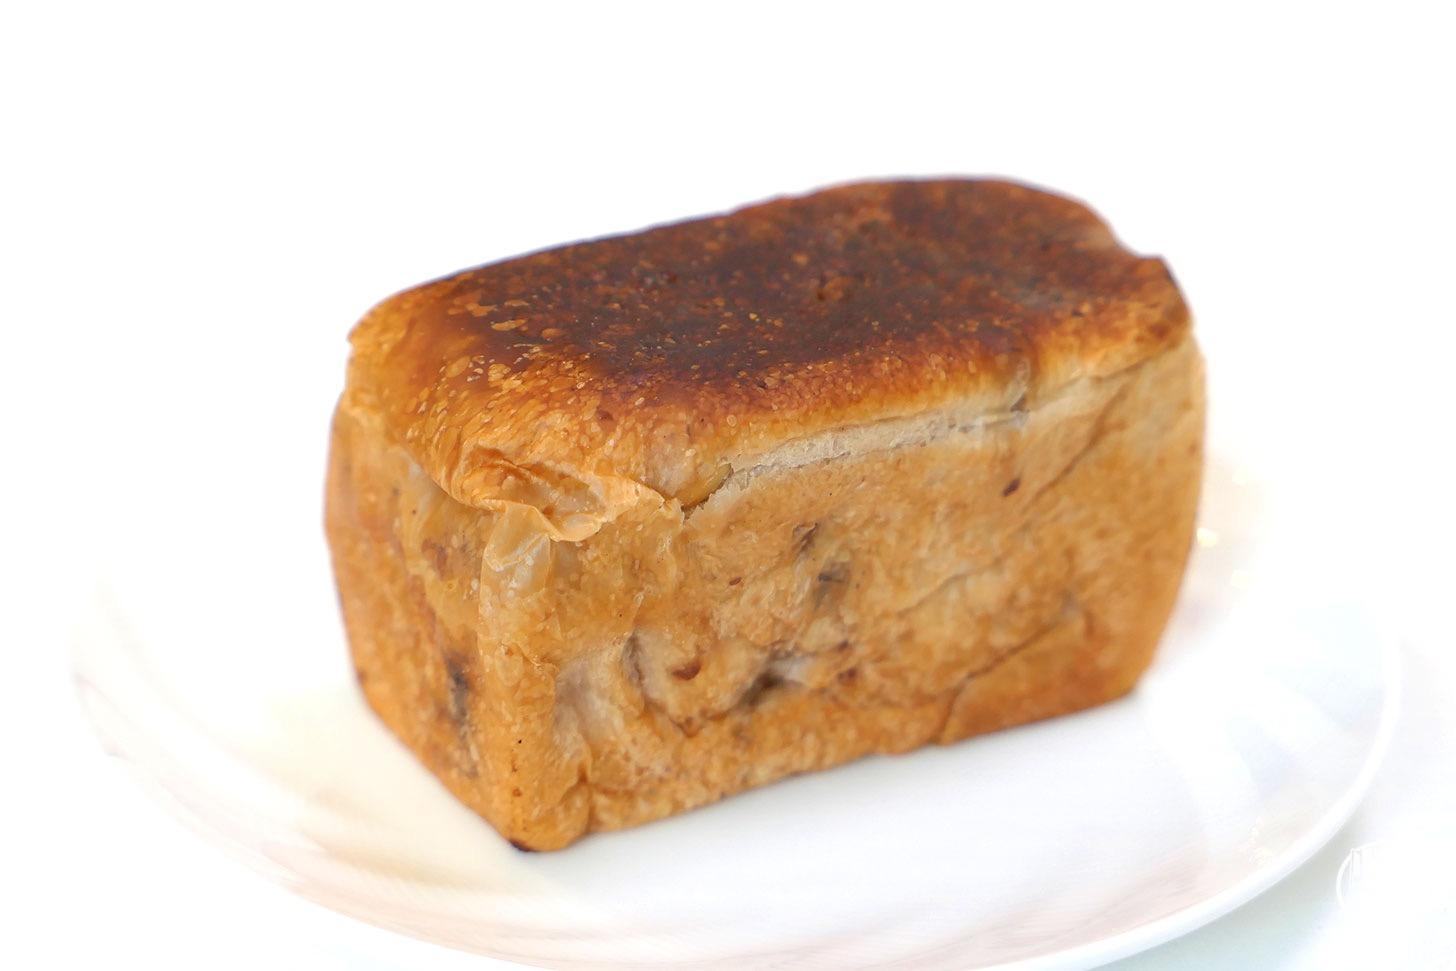 横濱煉瓦パンが期待以上に美味!ポンパドウルと霧笛楼の数量限定コラボパン